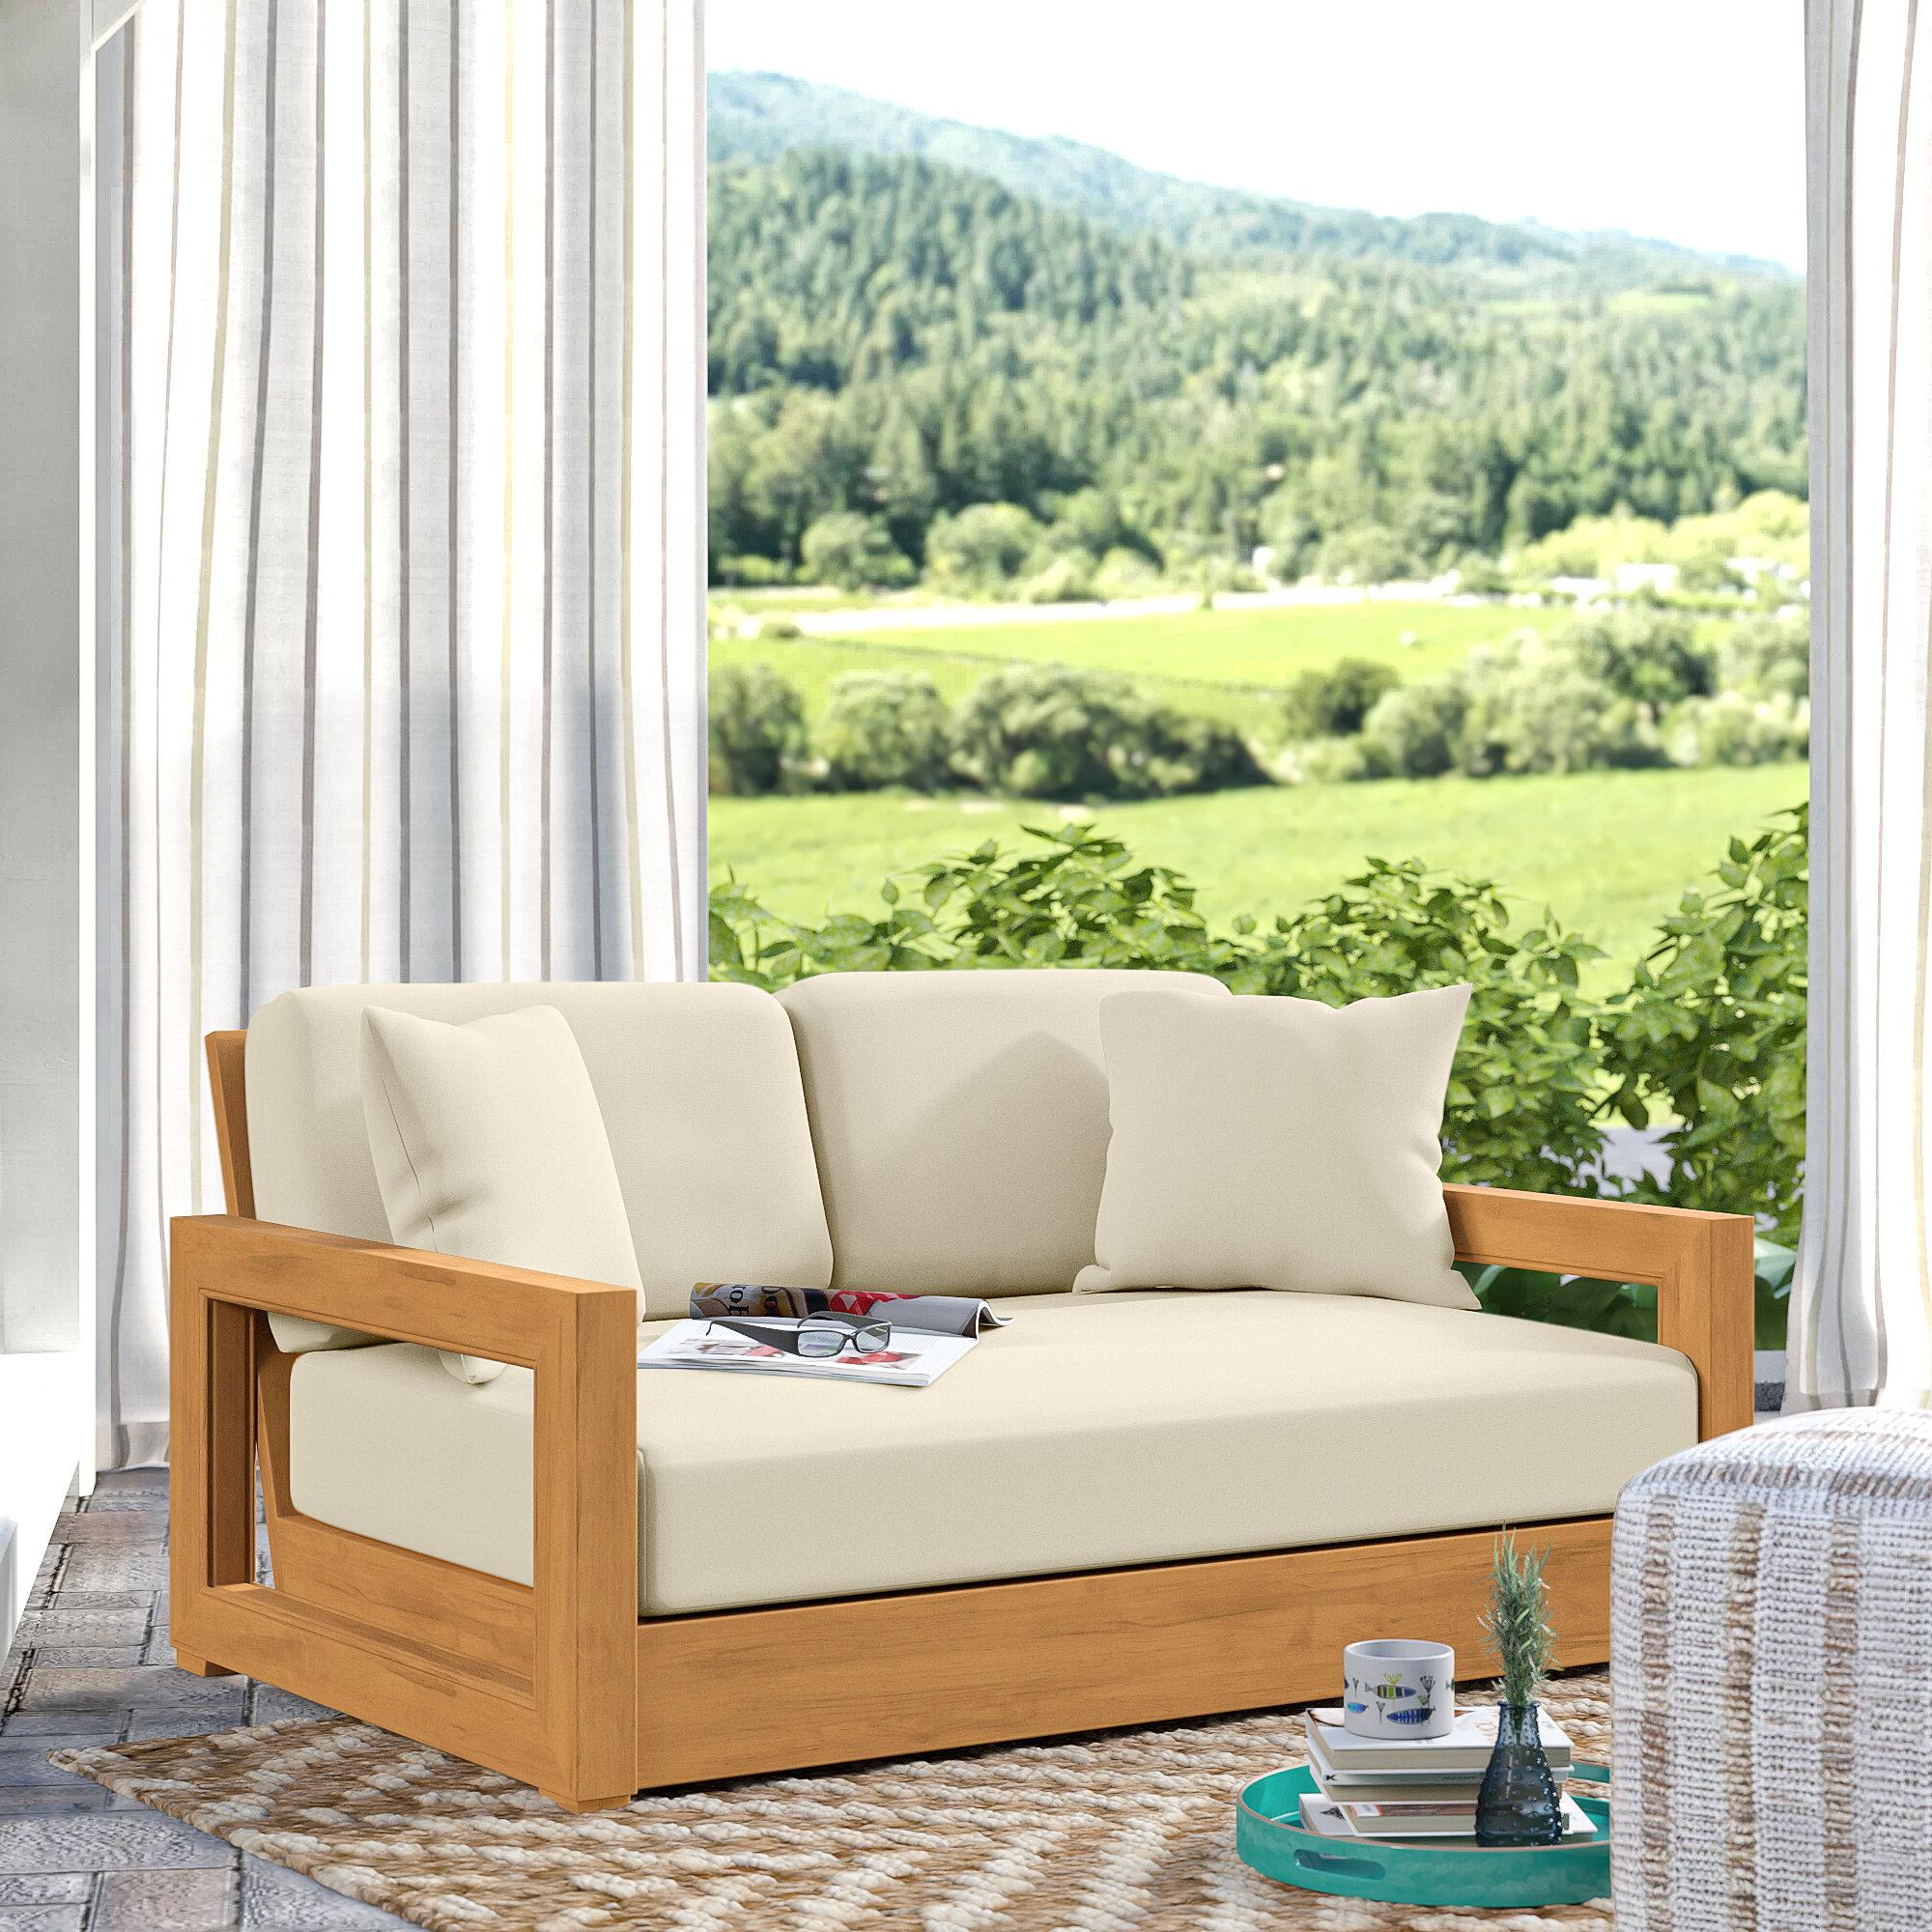 Fashionable Lakeland Teak Loveseat With Cushions With Lyall Loveseats With Cushion (View 5 of 20)